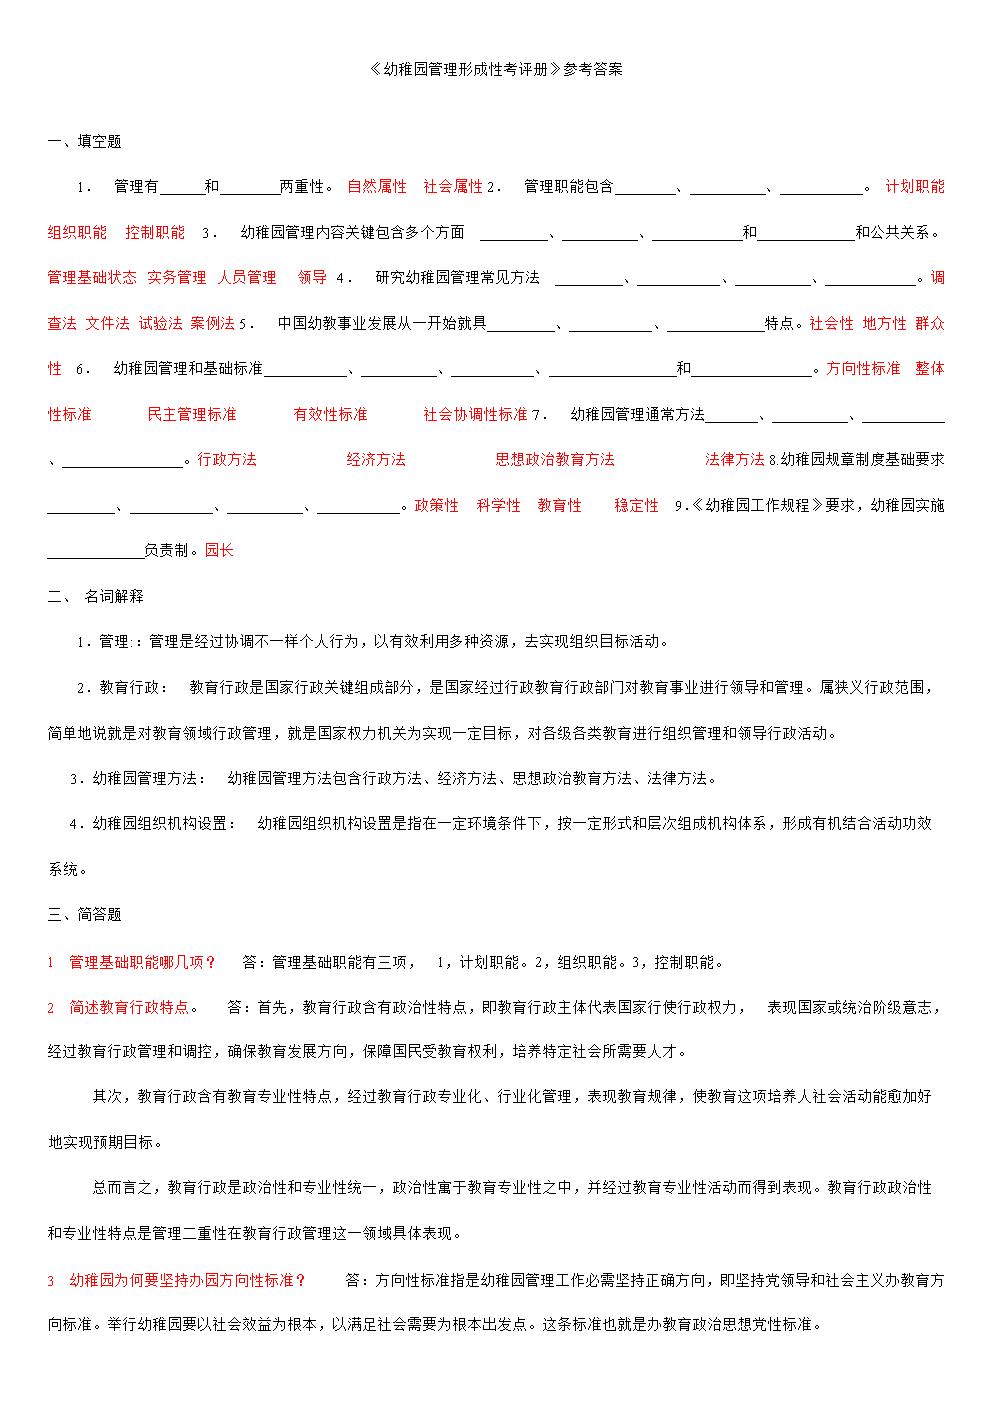 2021年电大幼儿园管理形成性考核册答案 资料.doc